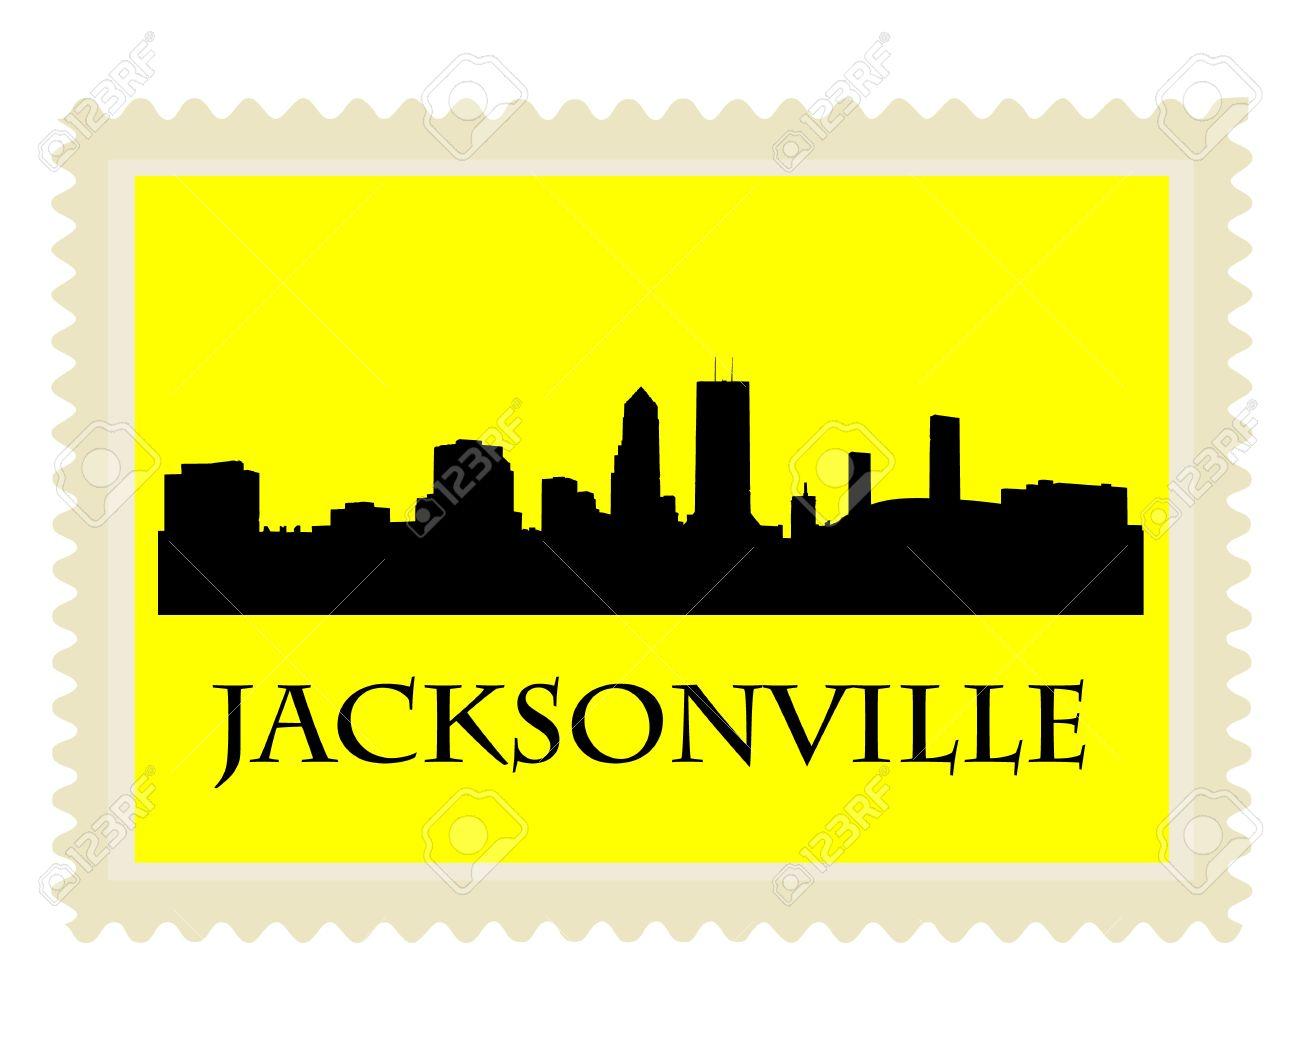 Jacksonville skyline clipart.